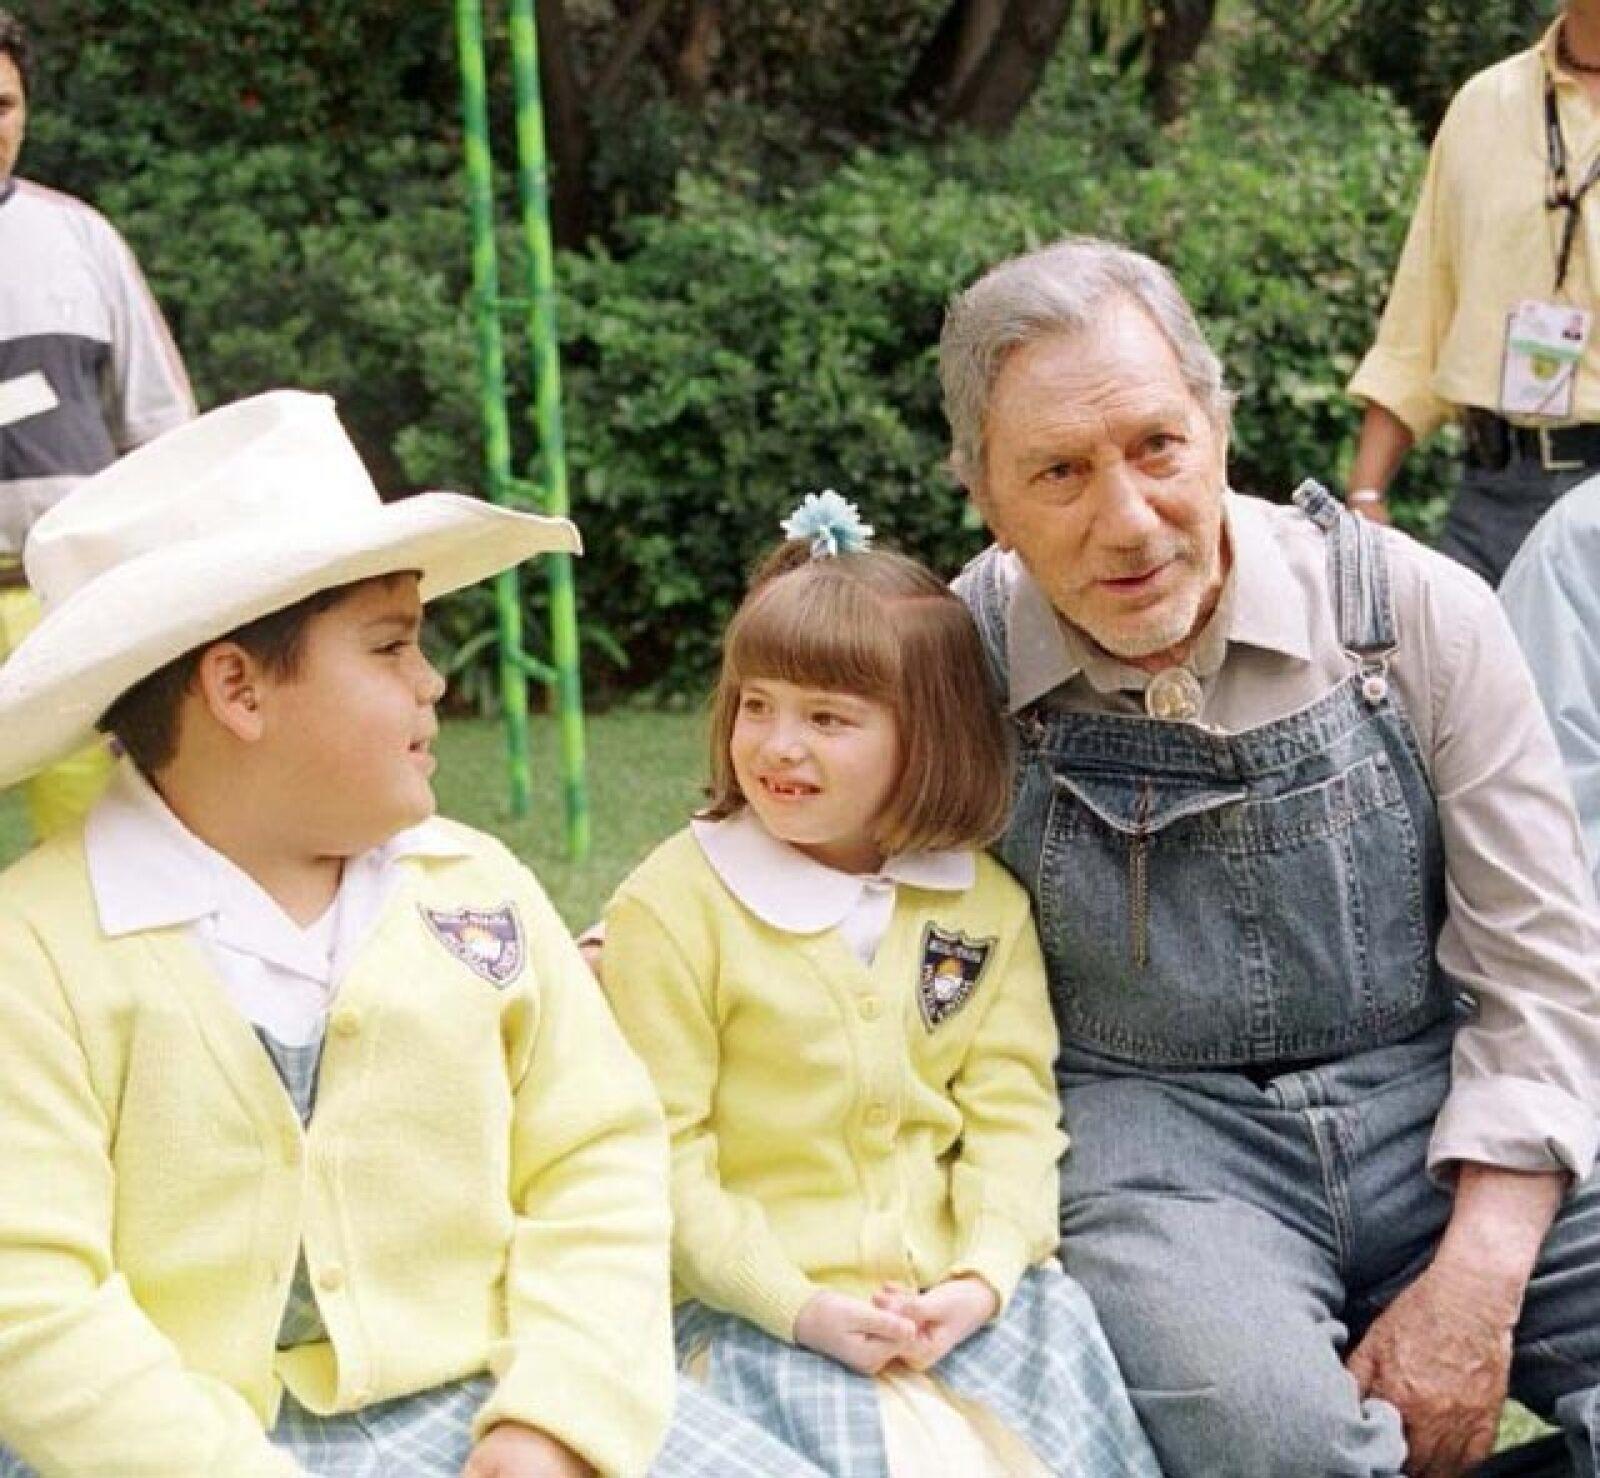 Durante su carrera, Cordero actuó al lado de Pedro Armendáriz y Pedro Infante en la Época de Oro del cine mexicano.